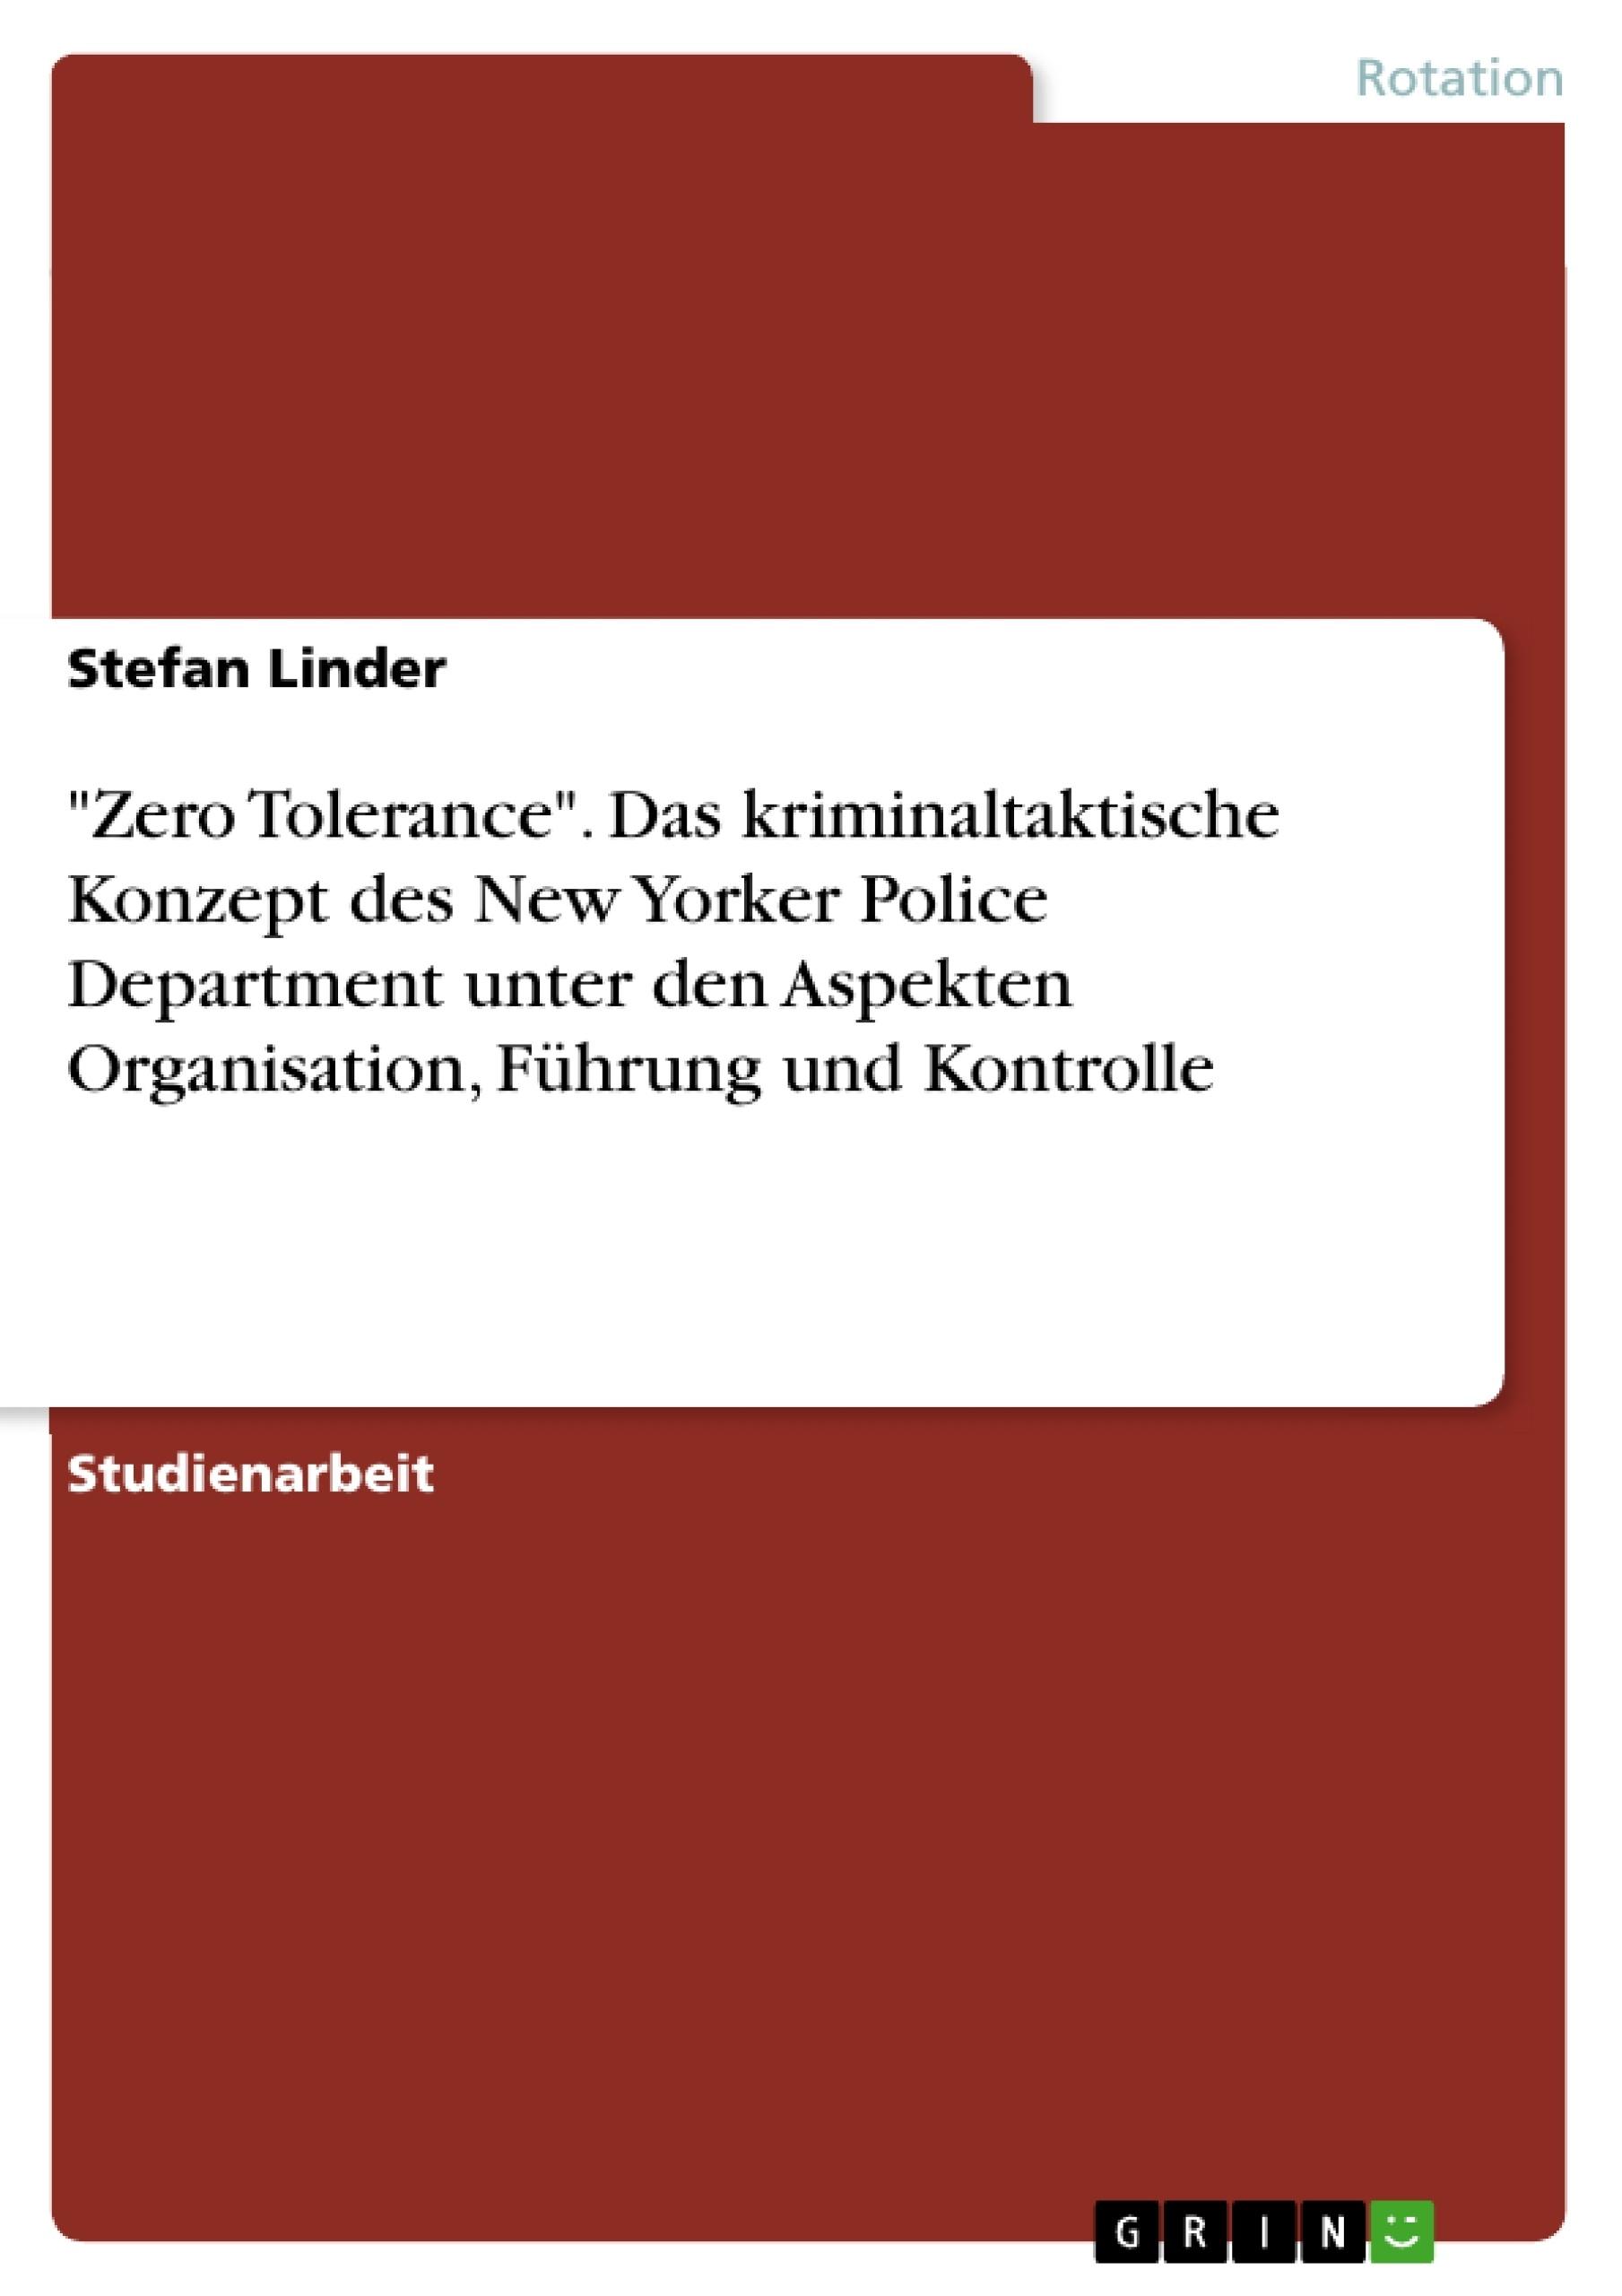 """Titel: """"Zero Tolerance"""". Das kriminaltaktische Konzept des New Yorker Police Department unter den Aspekten Organisation, Führung und Kontrolle"""